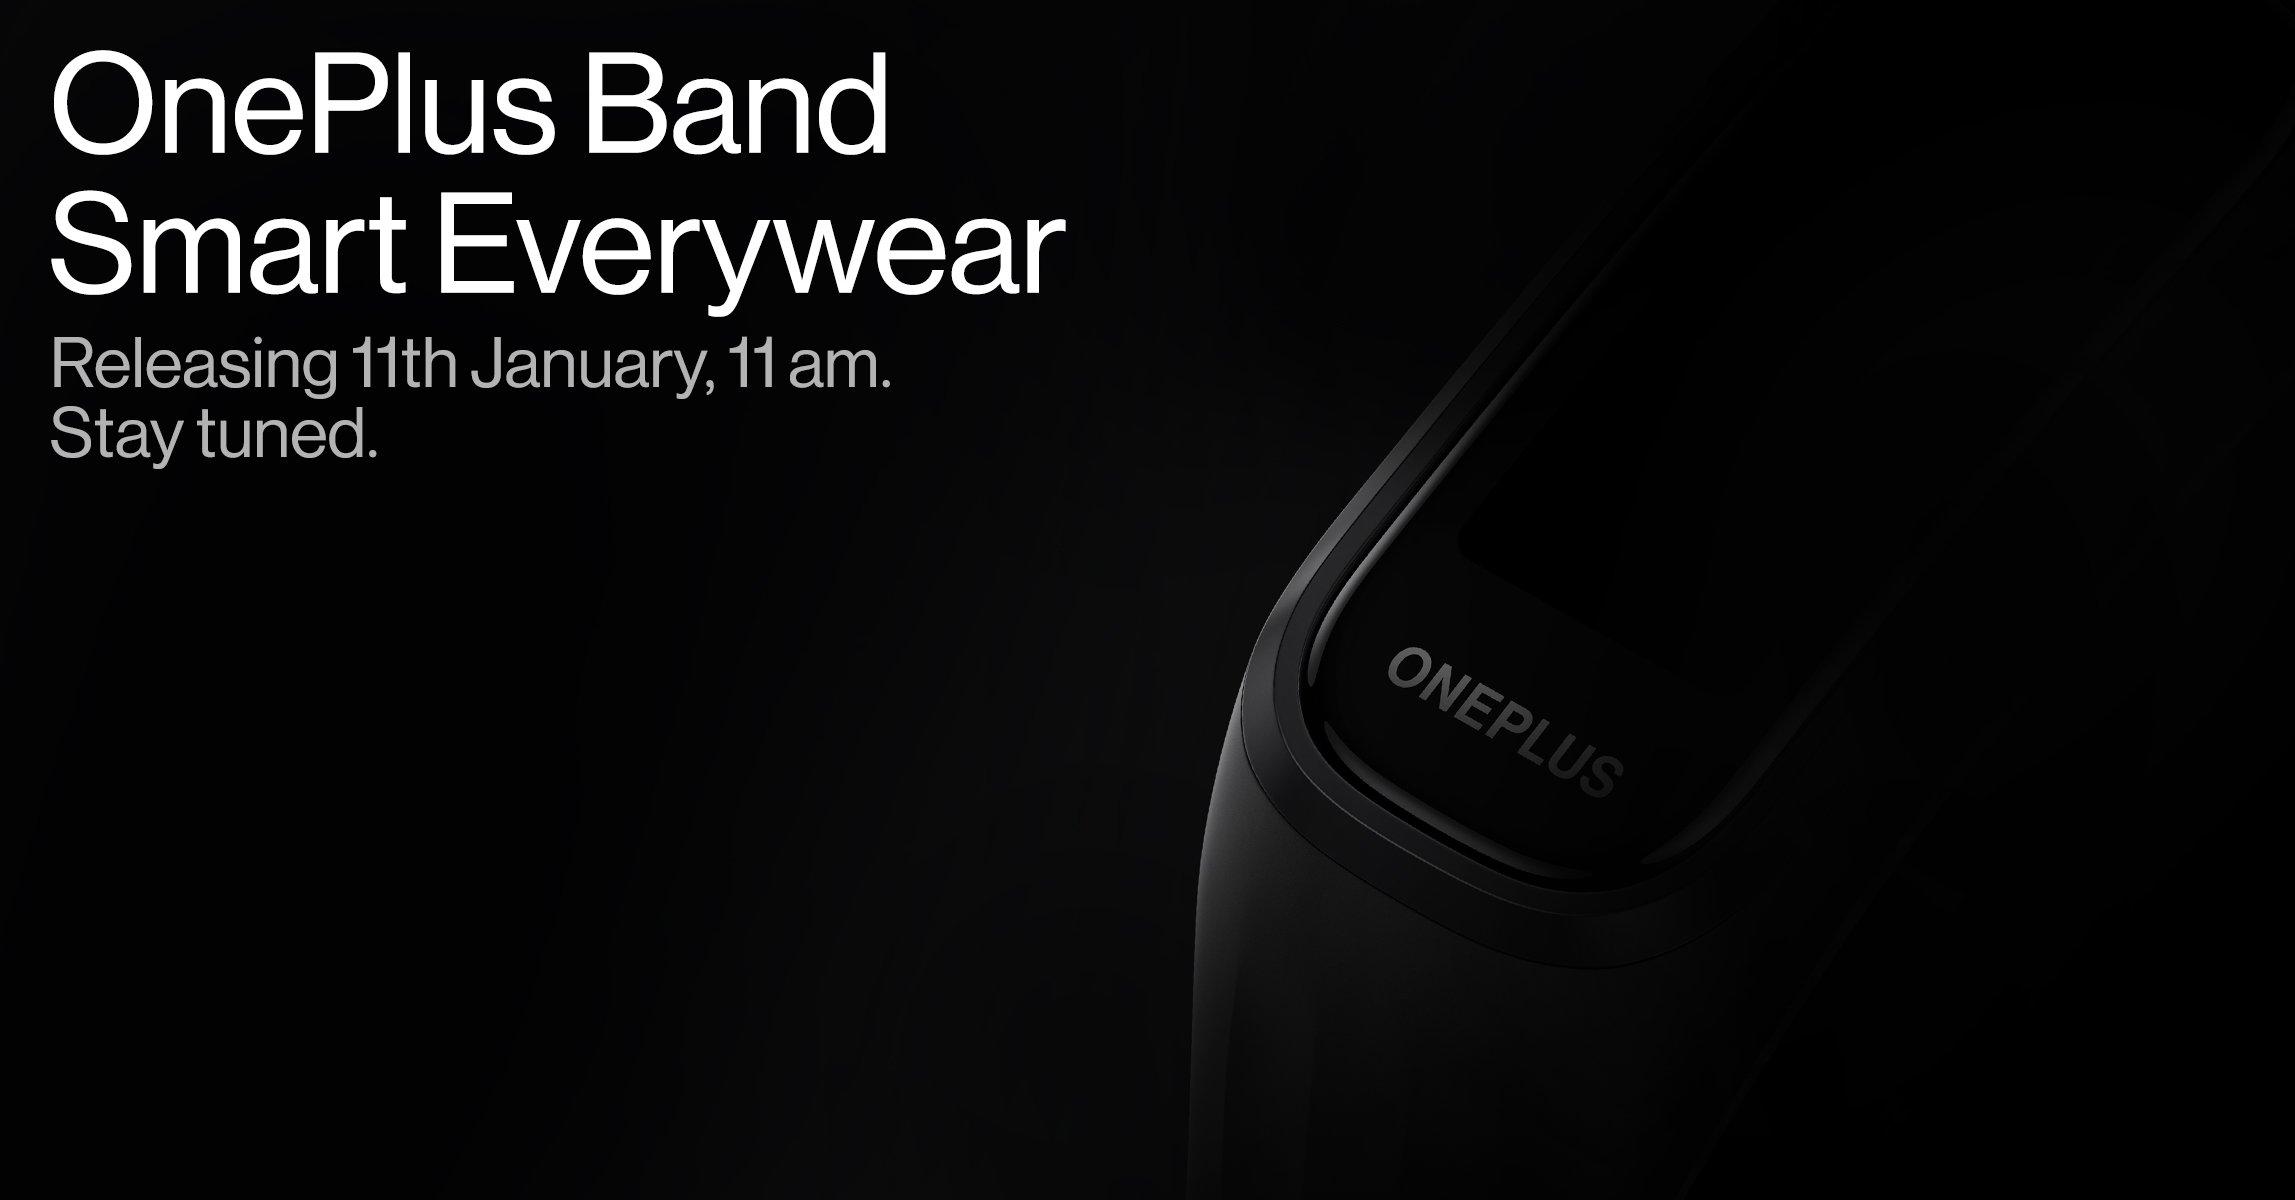 Startdatum der OnePlus-Band